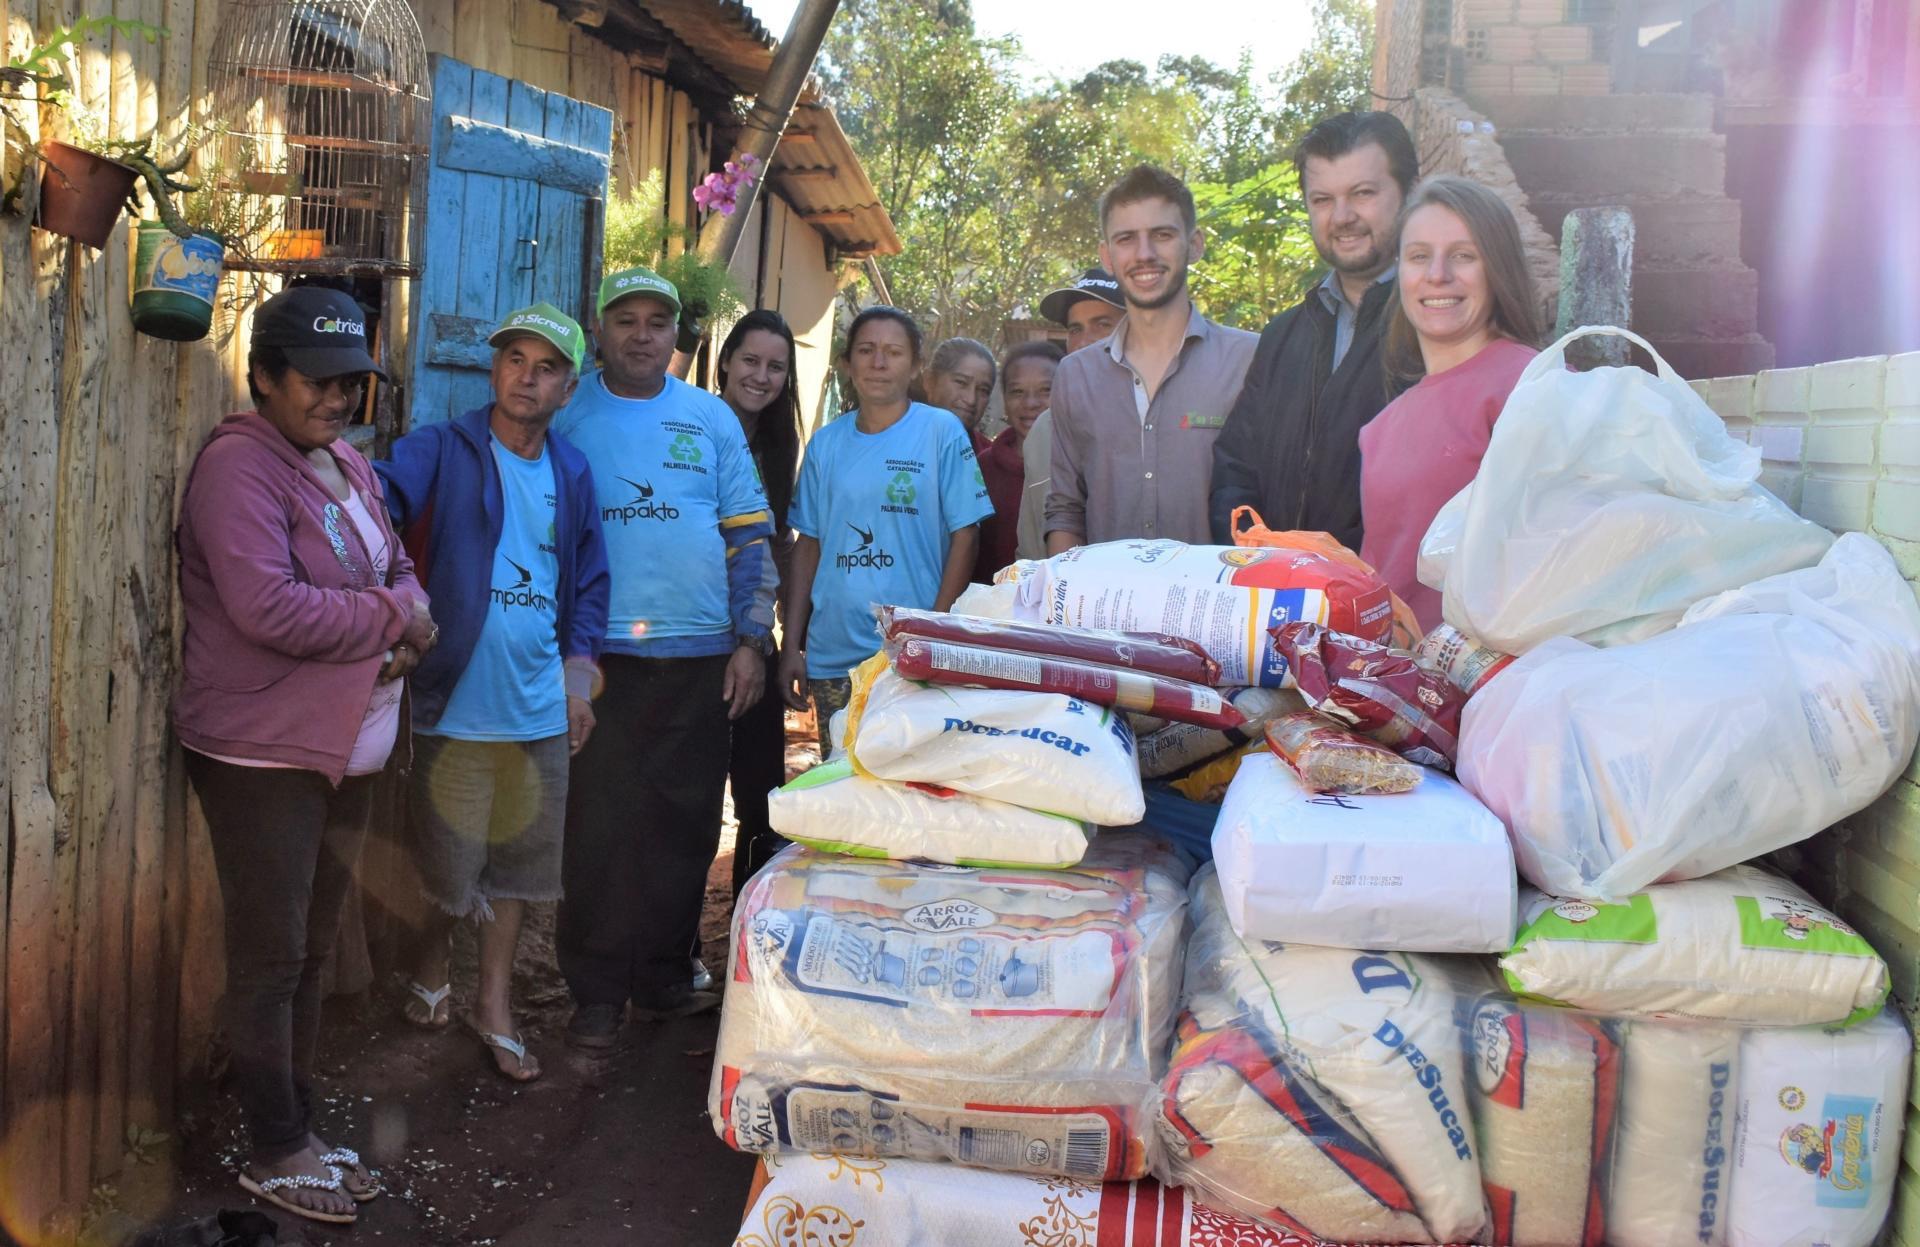 Foto colorida horizontal de pessoas posando atrás de uma pilha de alimentos doados junto a casas de catadores